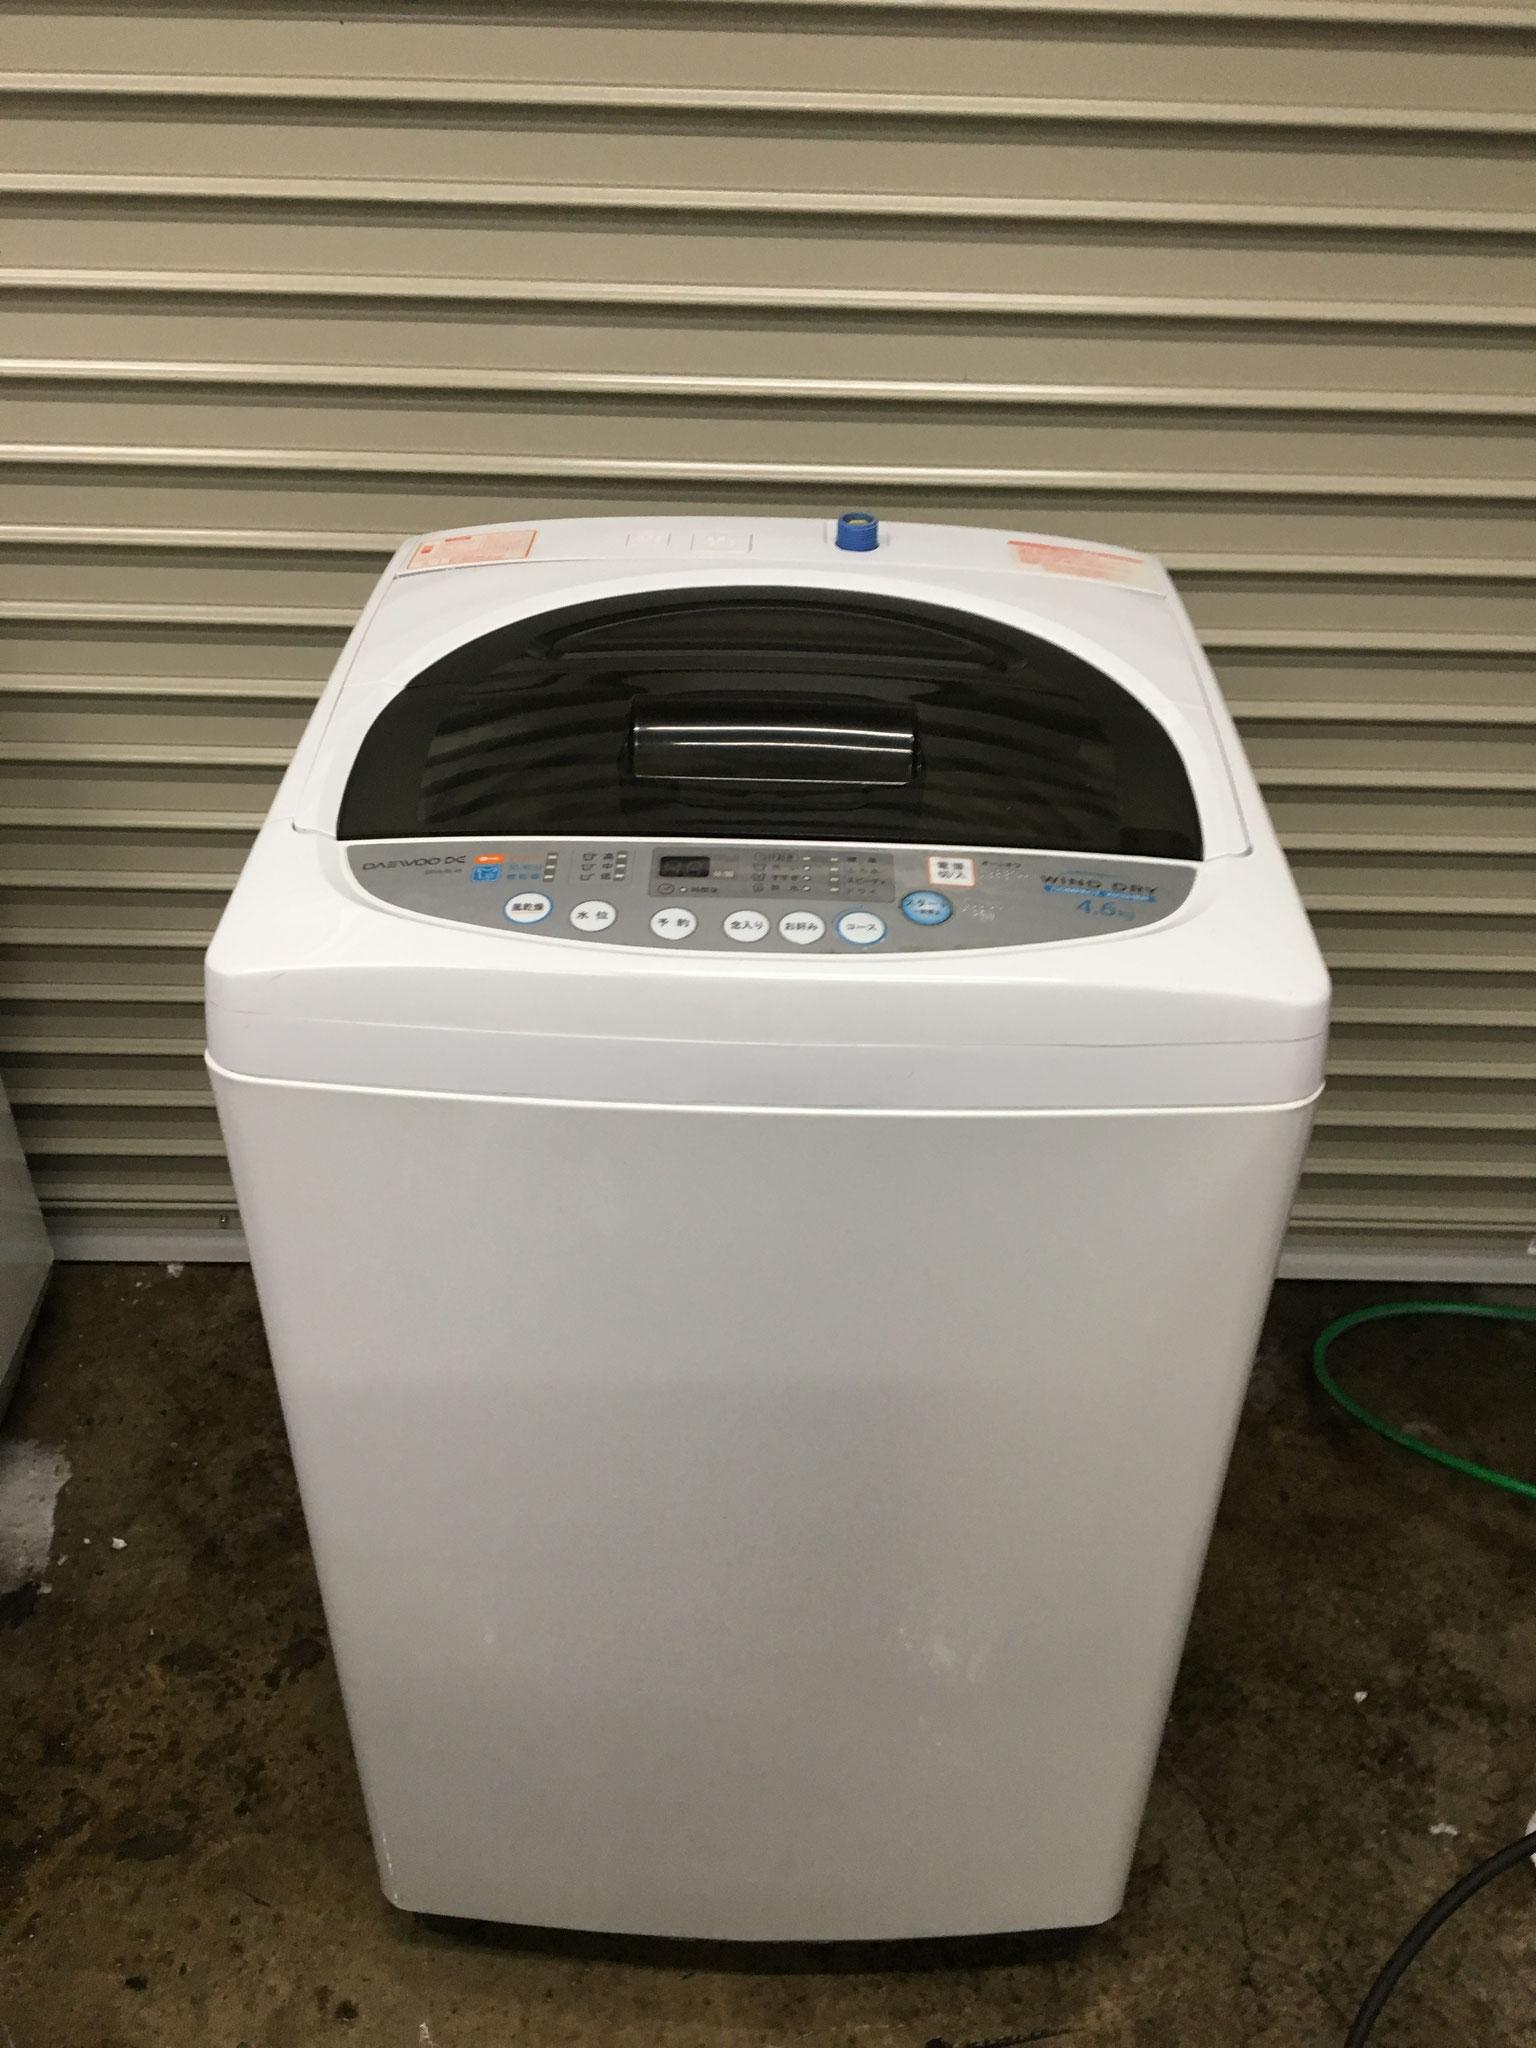 2012年製4.6㎏札幌洗濯機買取1500円